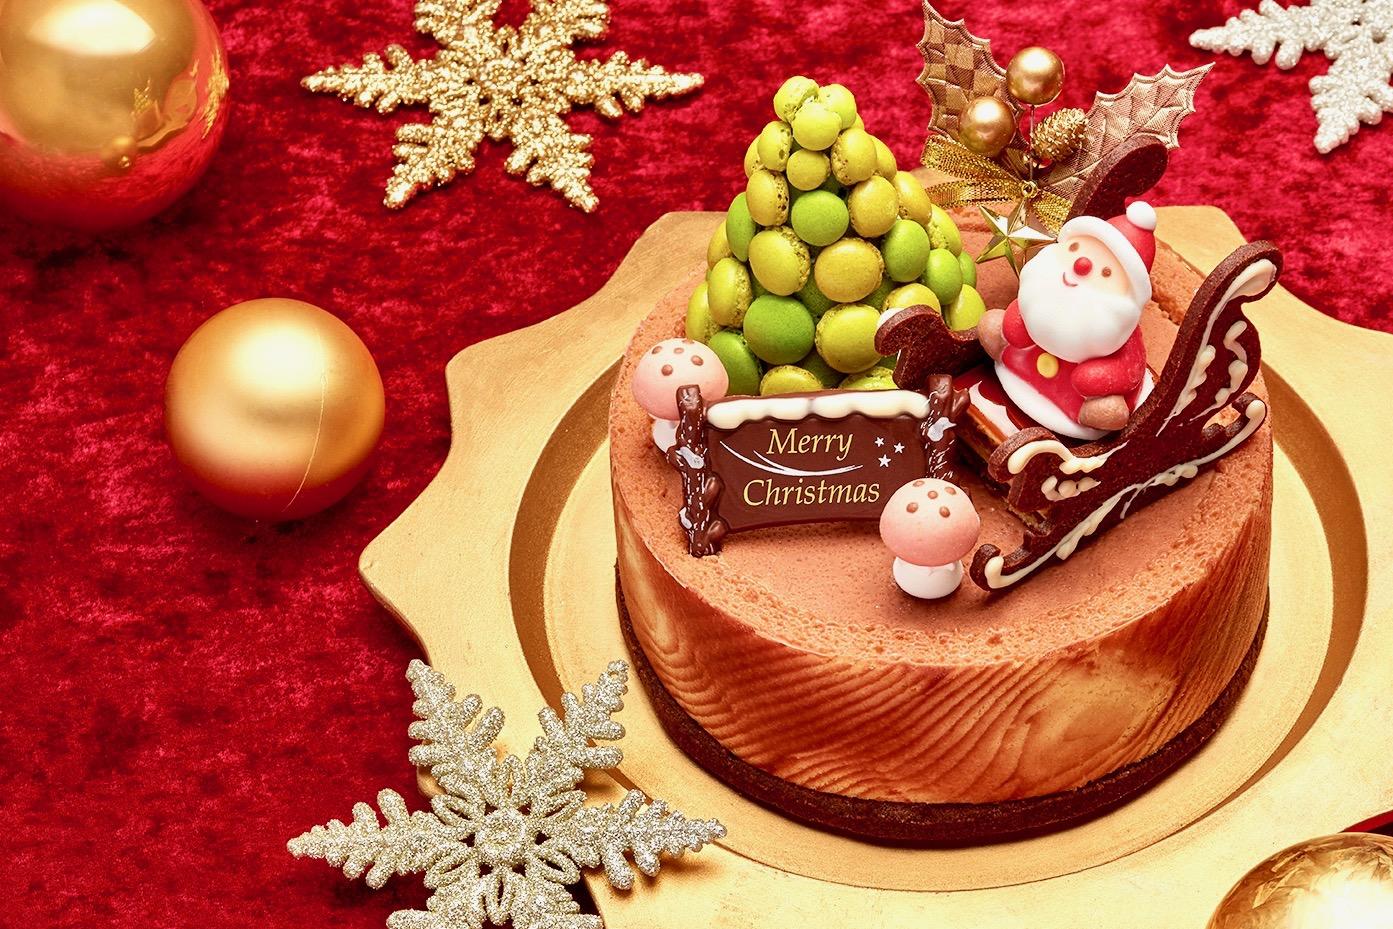 京王プラザホテル多摩のクリスマスケーキ2019 ランデヴー